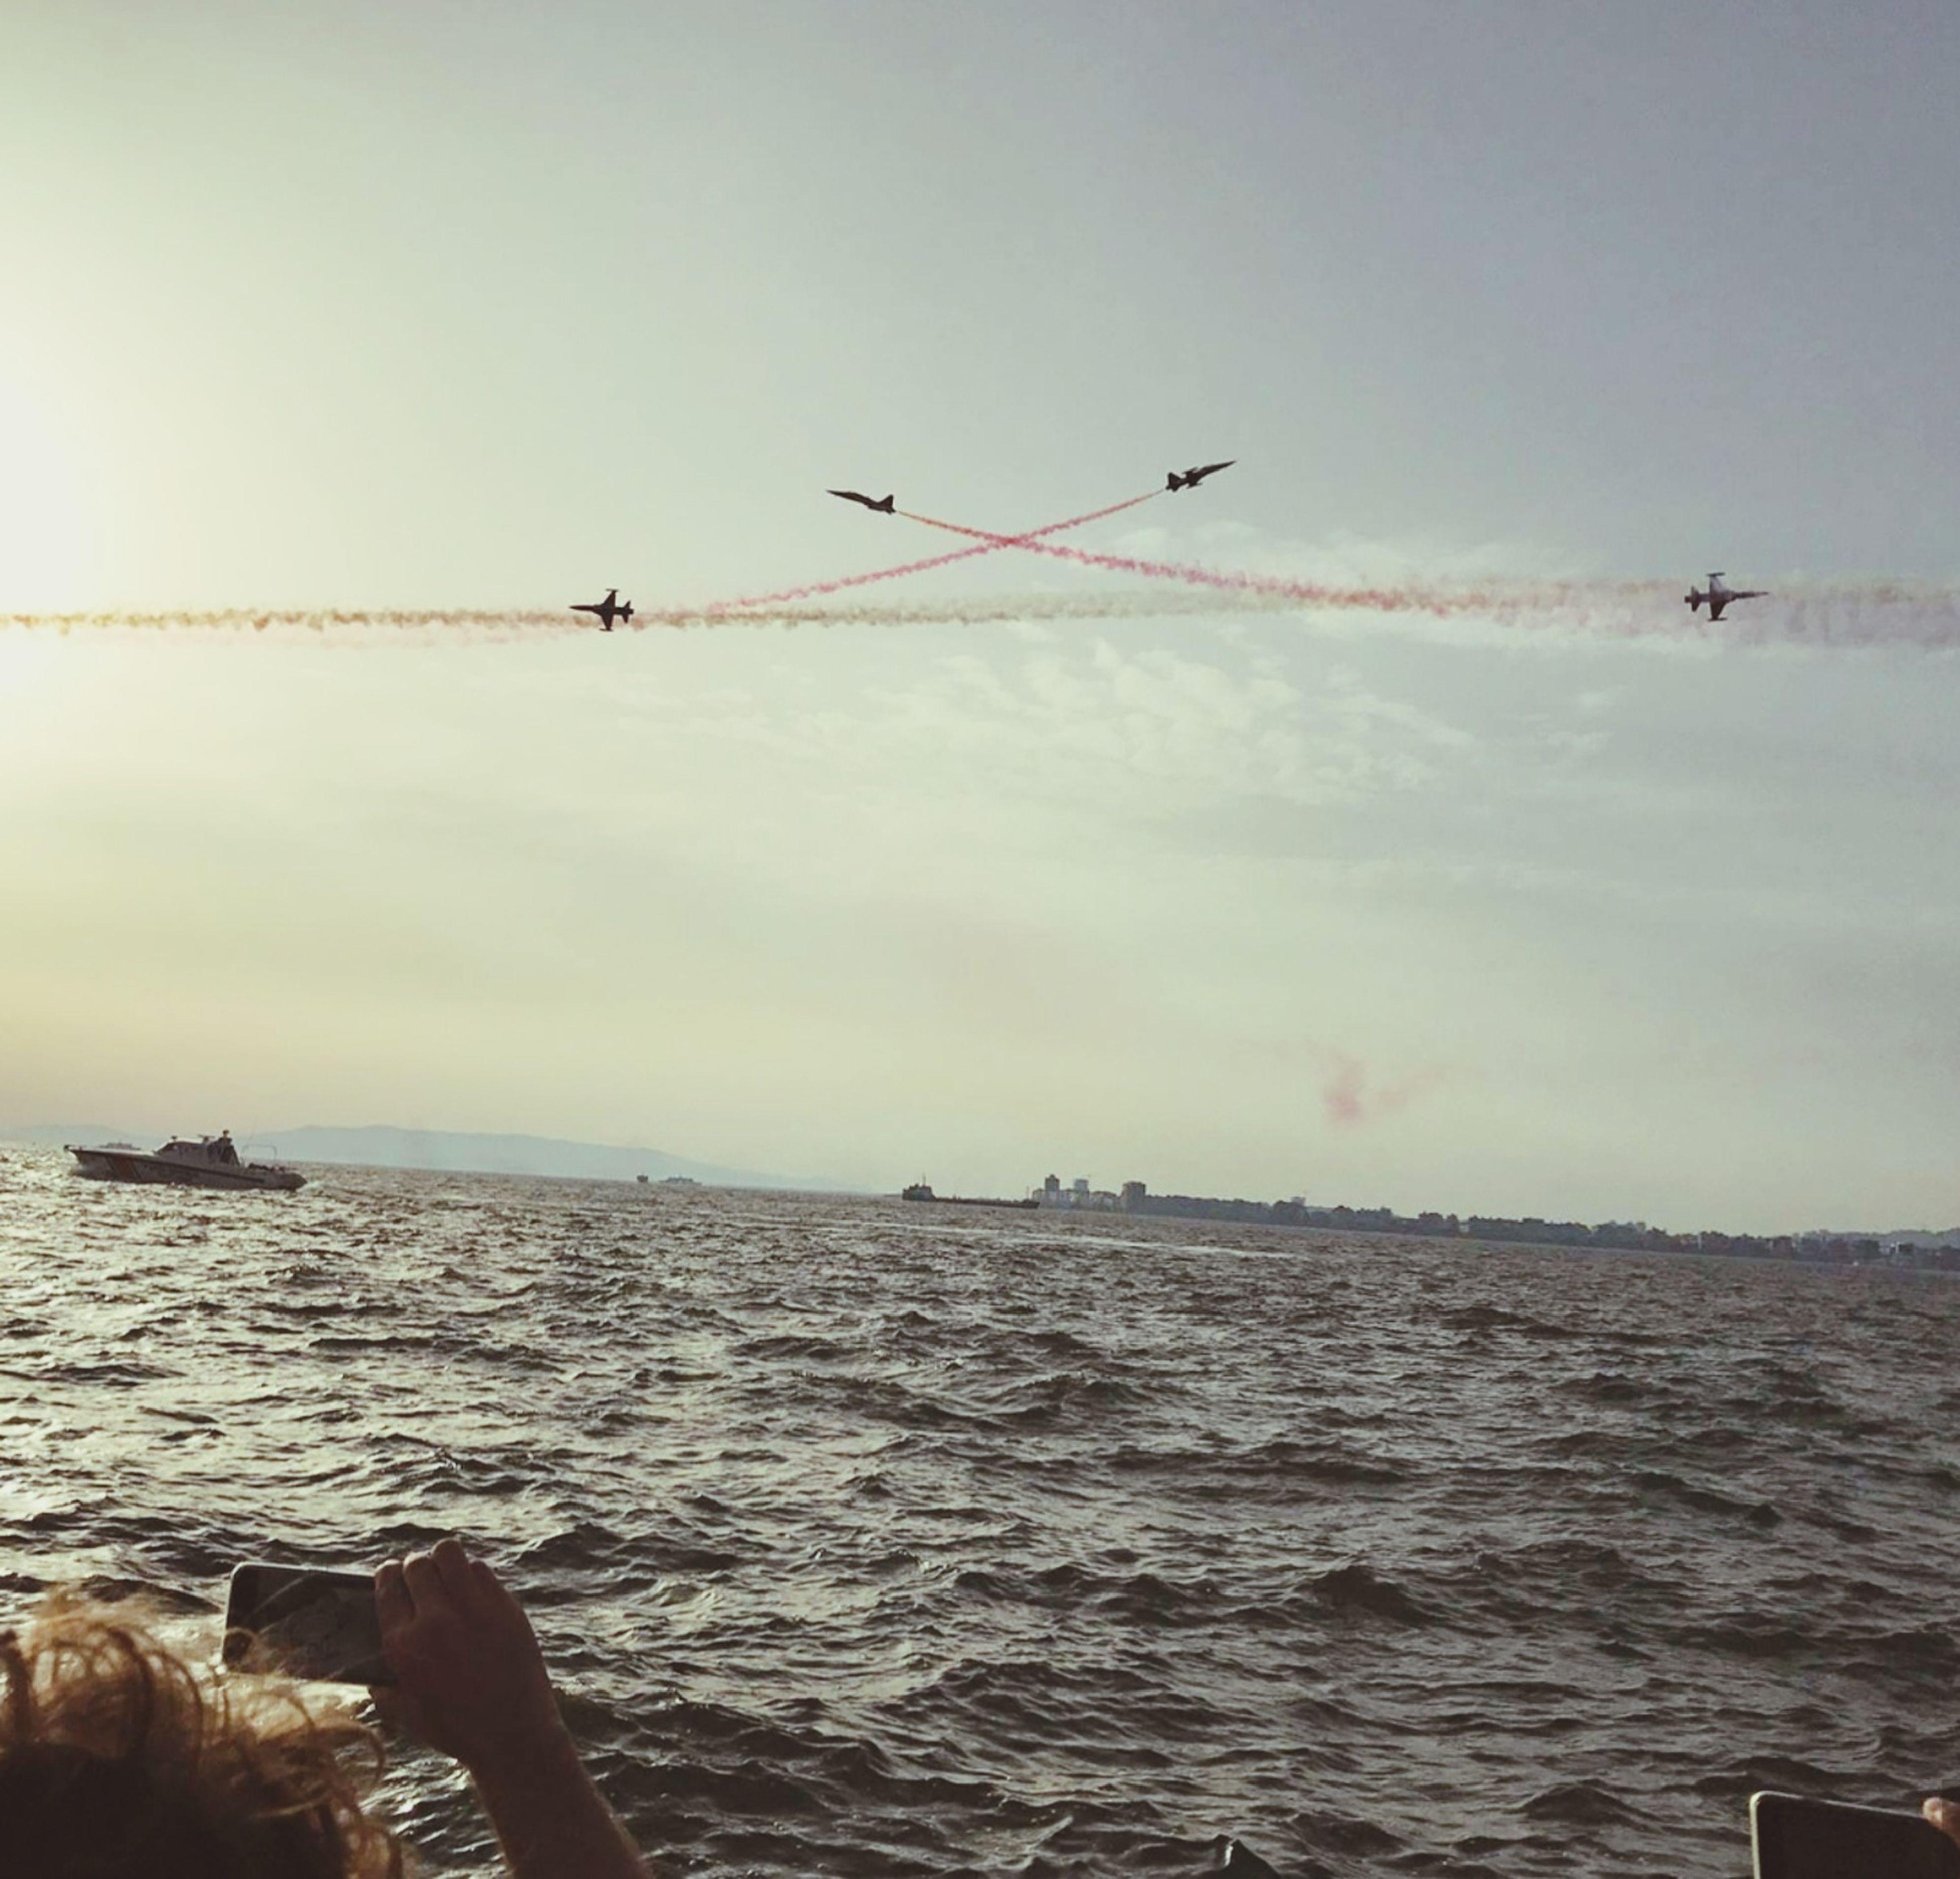 Düşmana korku dosta güven veren insanlar Bayraklar 🇹🇷🇹🇷 Bayrak Türkyıldızları Gösteri Kerkük Ucak Soloturk Flying Bird Airshow Beach Outdoors Animal Wildlife